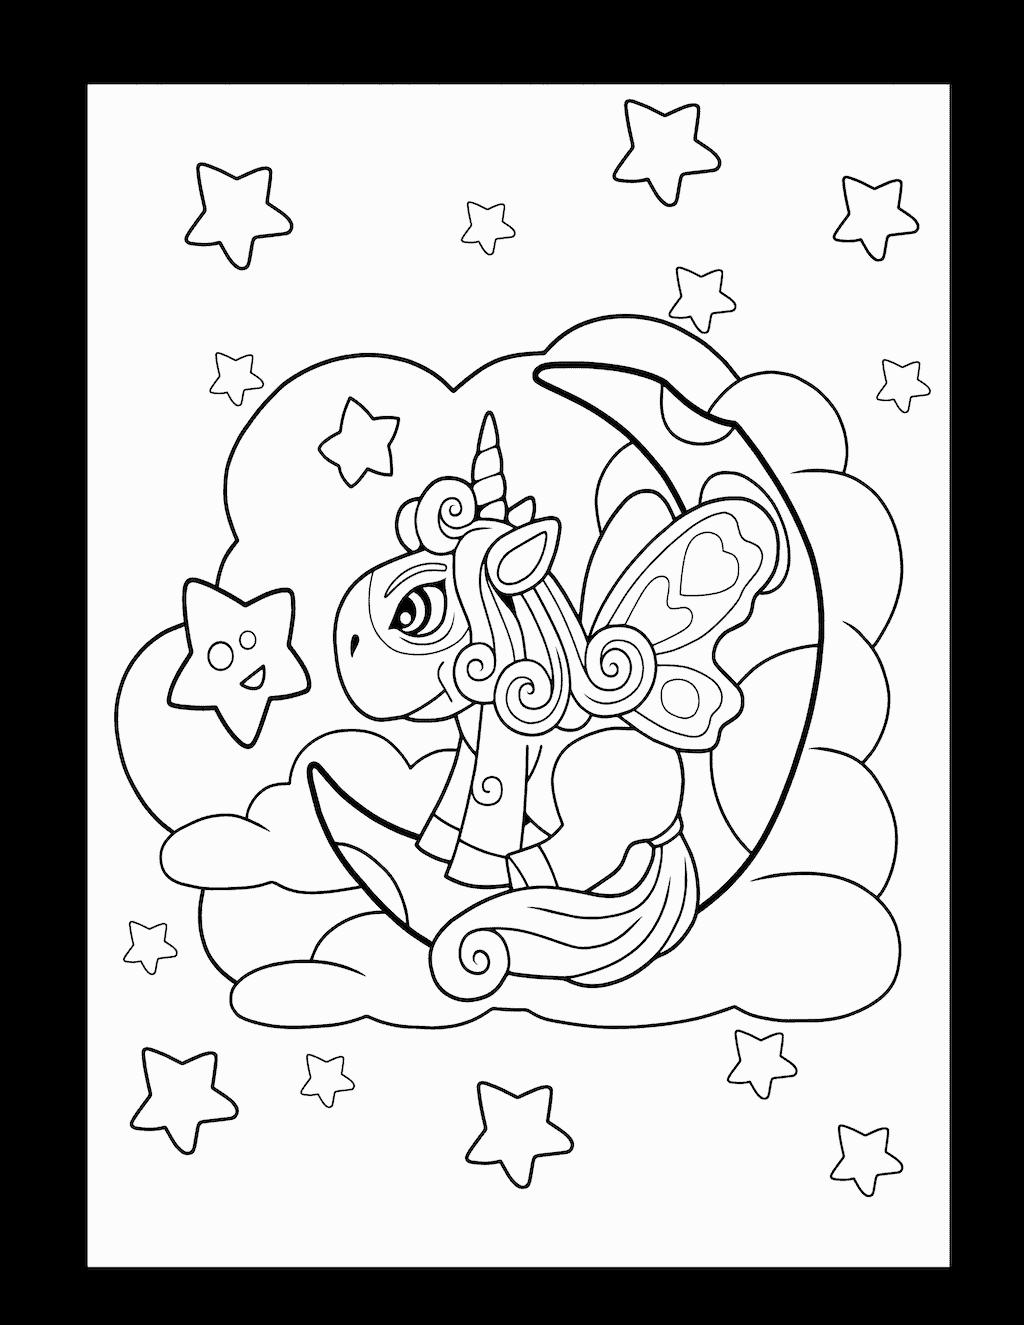 kleurplaat eenhoorn 36